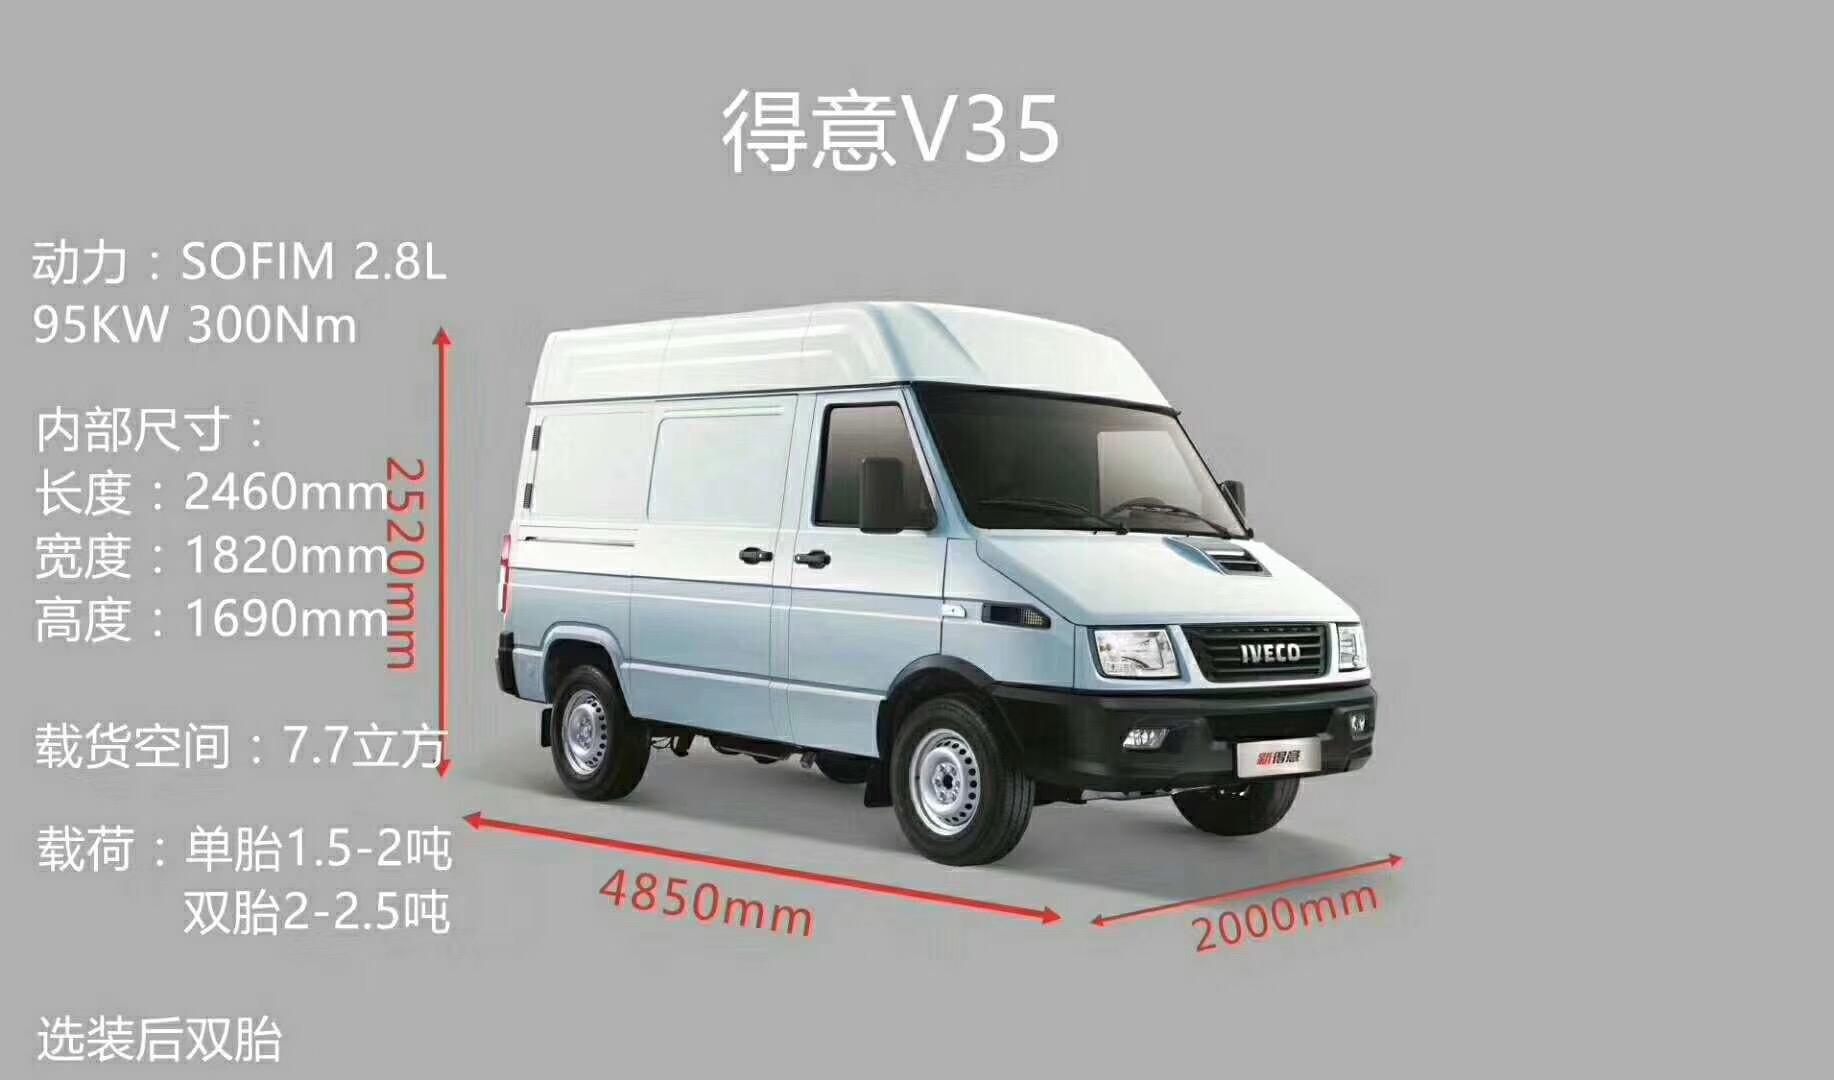 购 依 维 柯 A35,V35最高优惠12000元|汽车快讯-盘锦远翔汽车销售有限公司